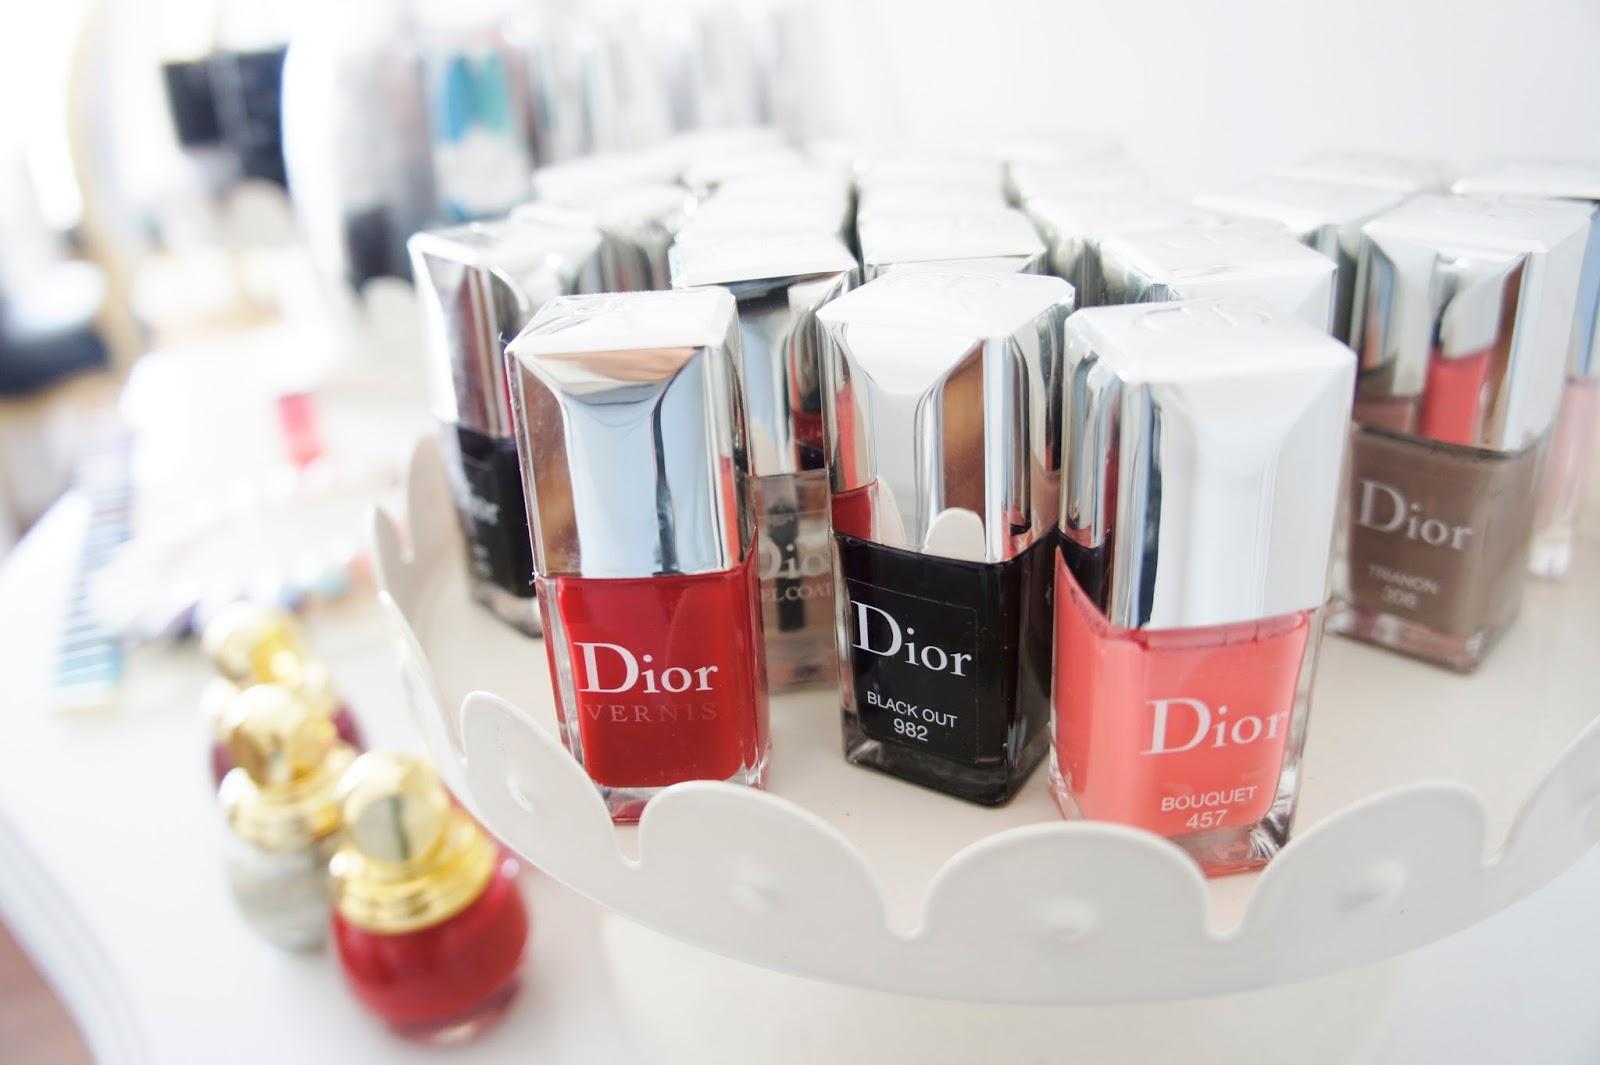 Esmaltes de uñas Dior